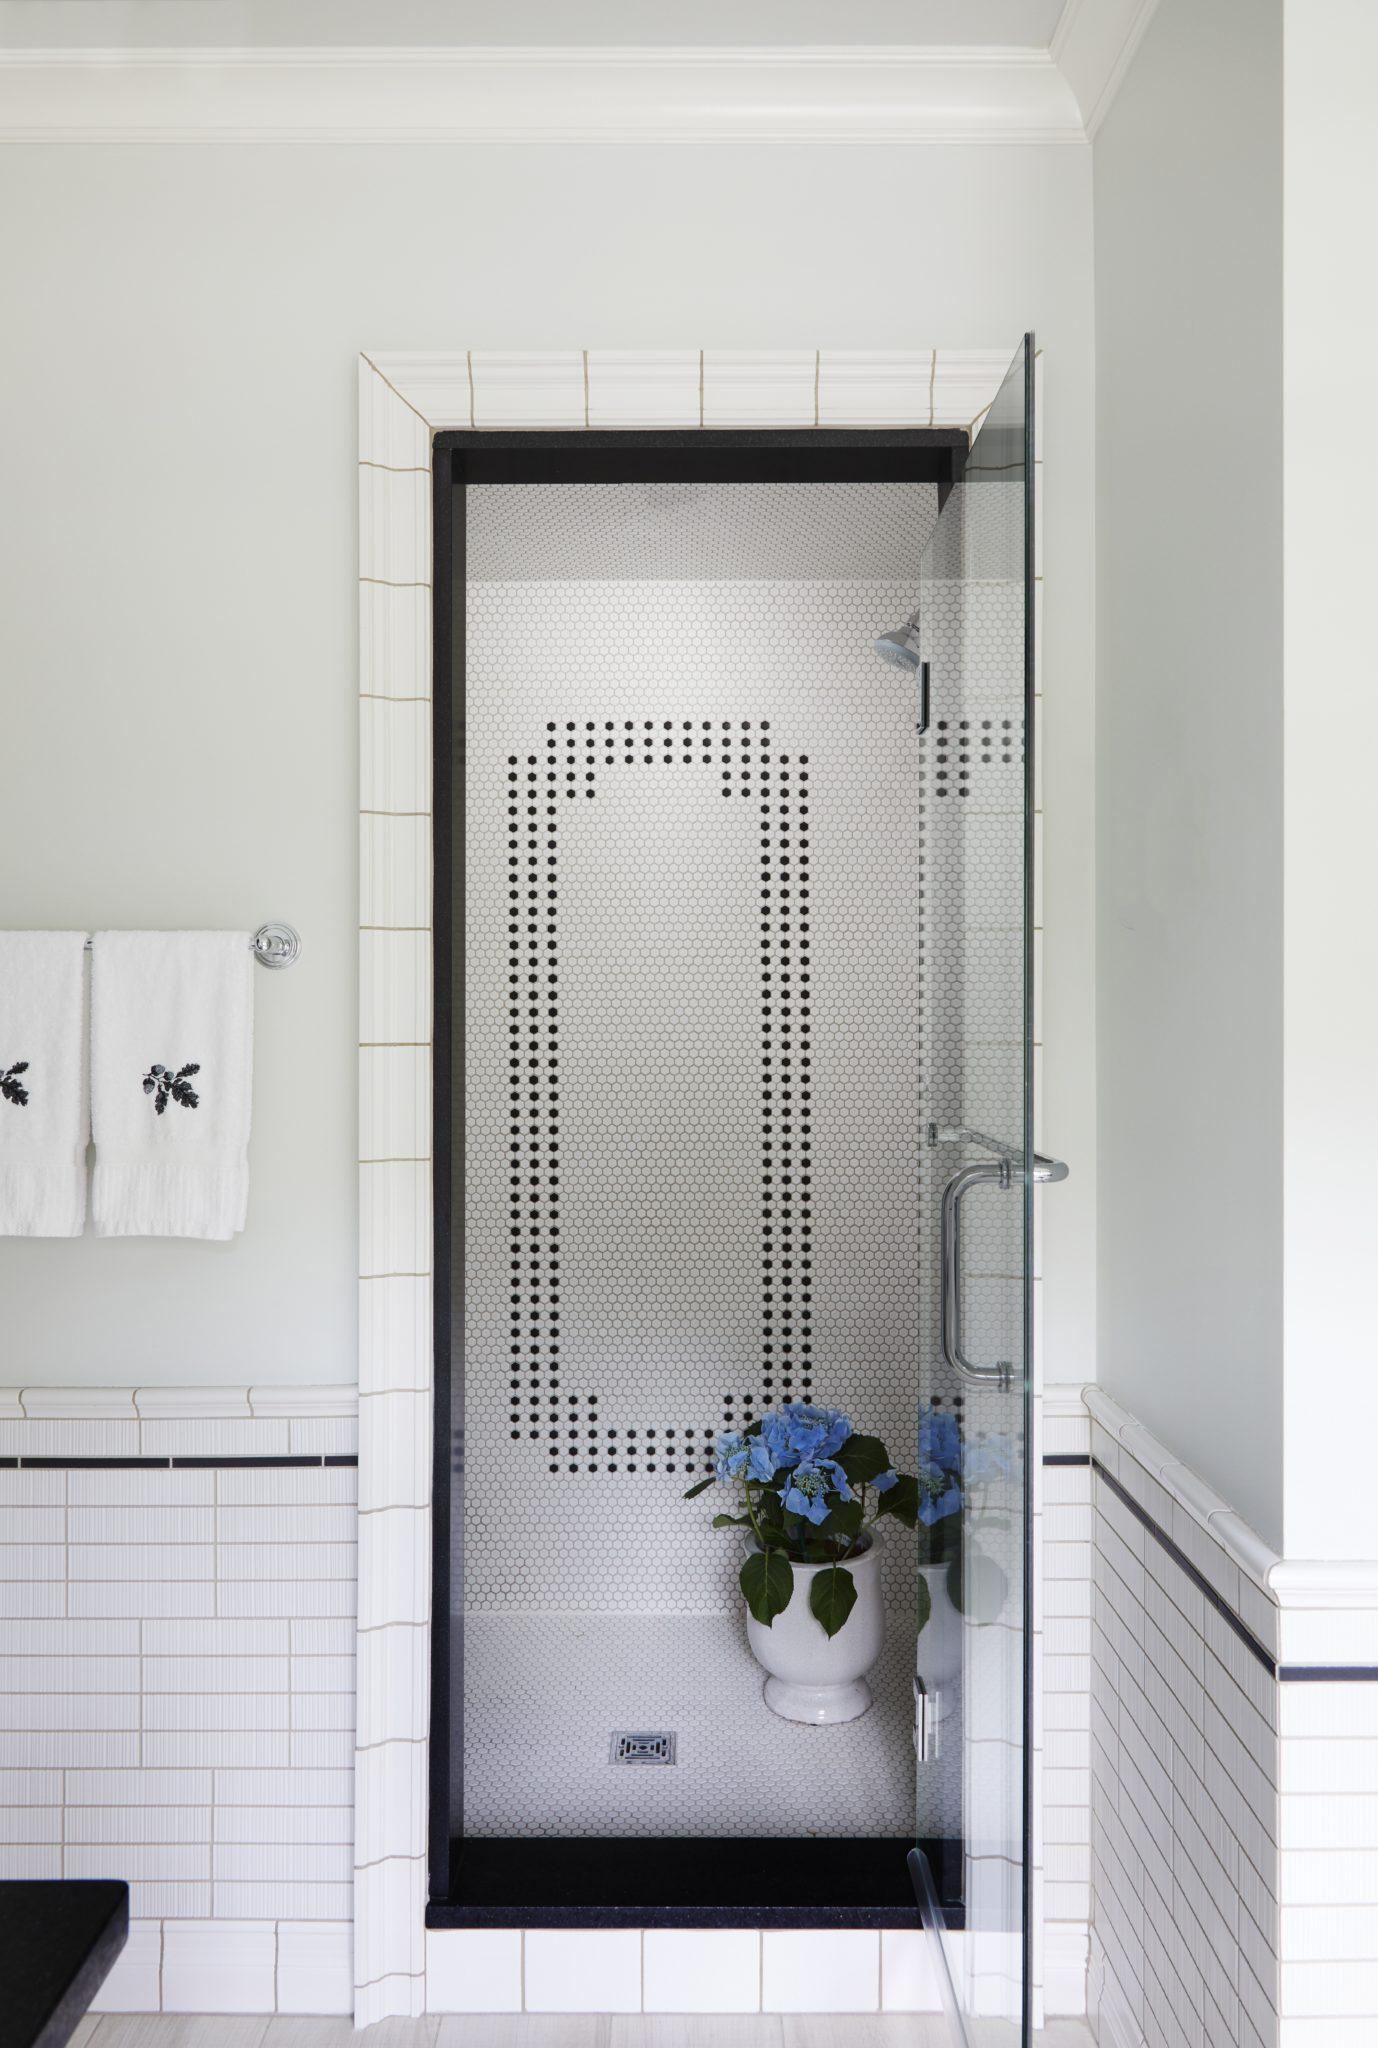 Black & white vintage tile design, mini hex patterned shower wall for guest bath by Elizabeth Drake